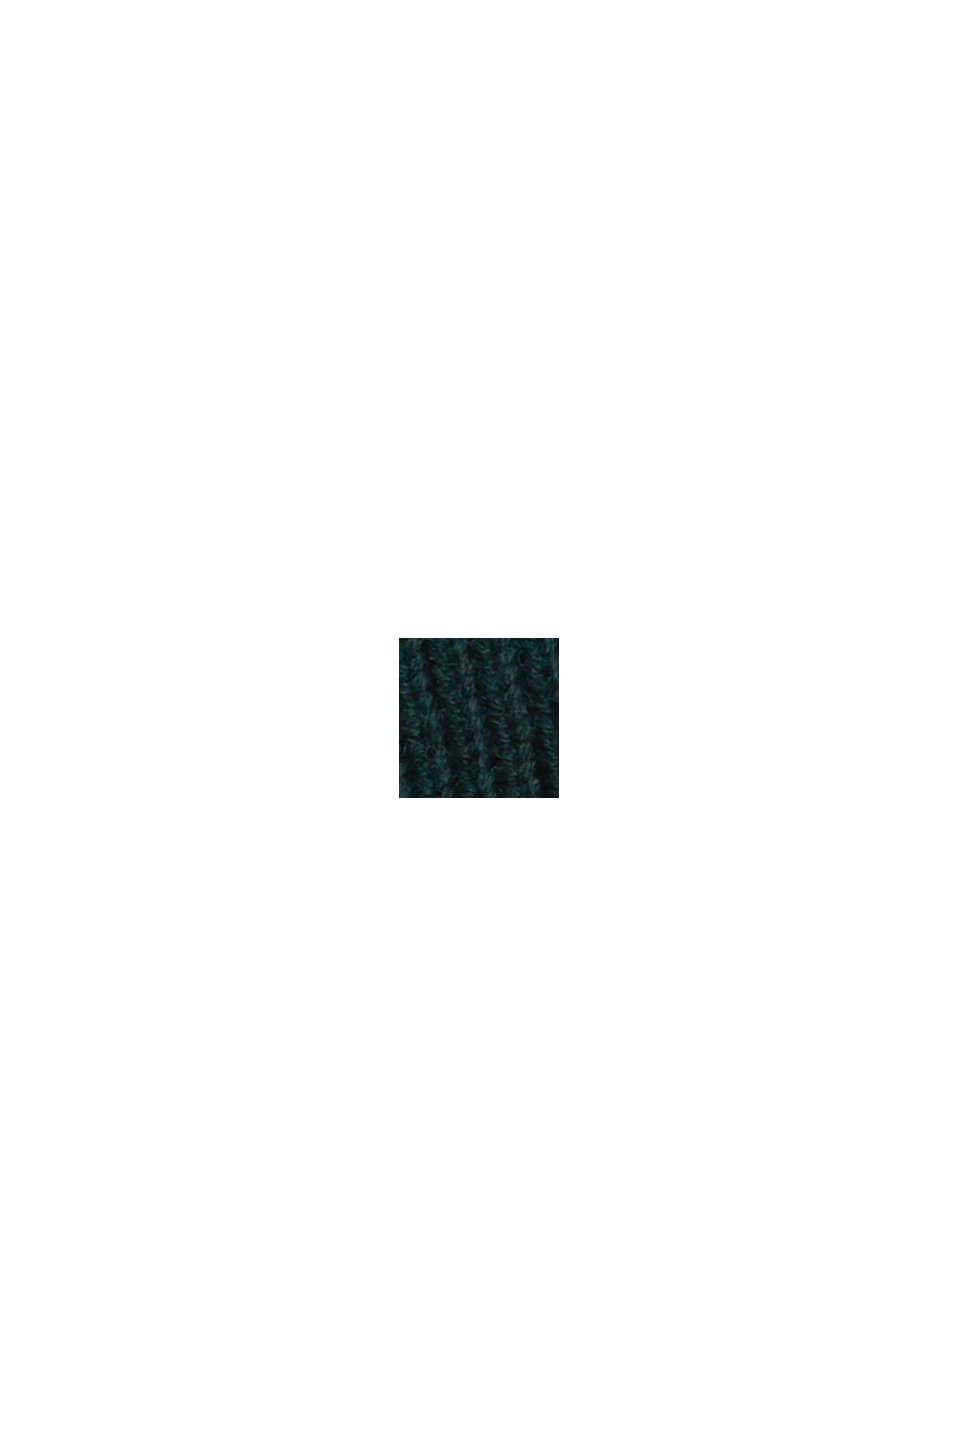 Pull-over en maille côtelée, 100% coton biologique, TEAL BLUE, swatch